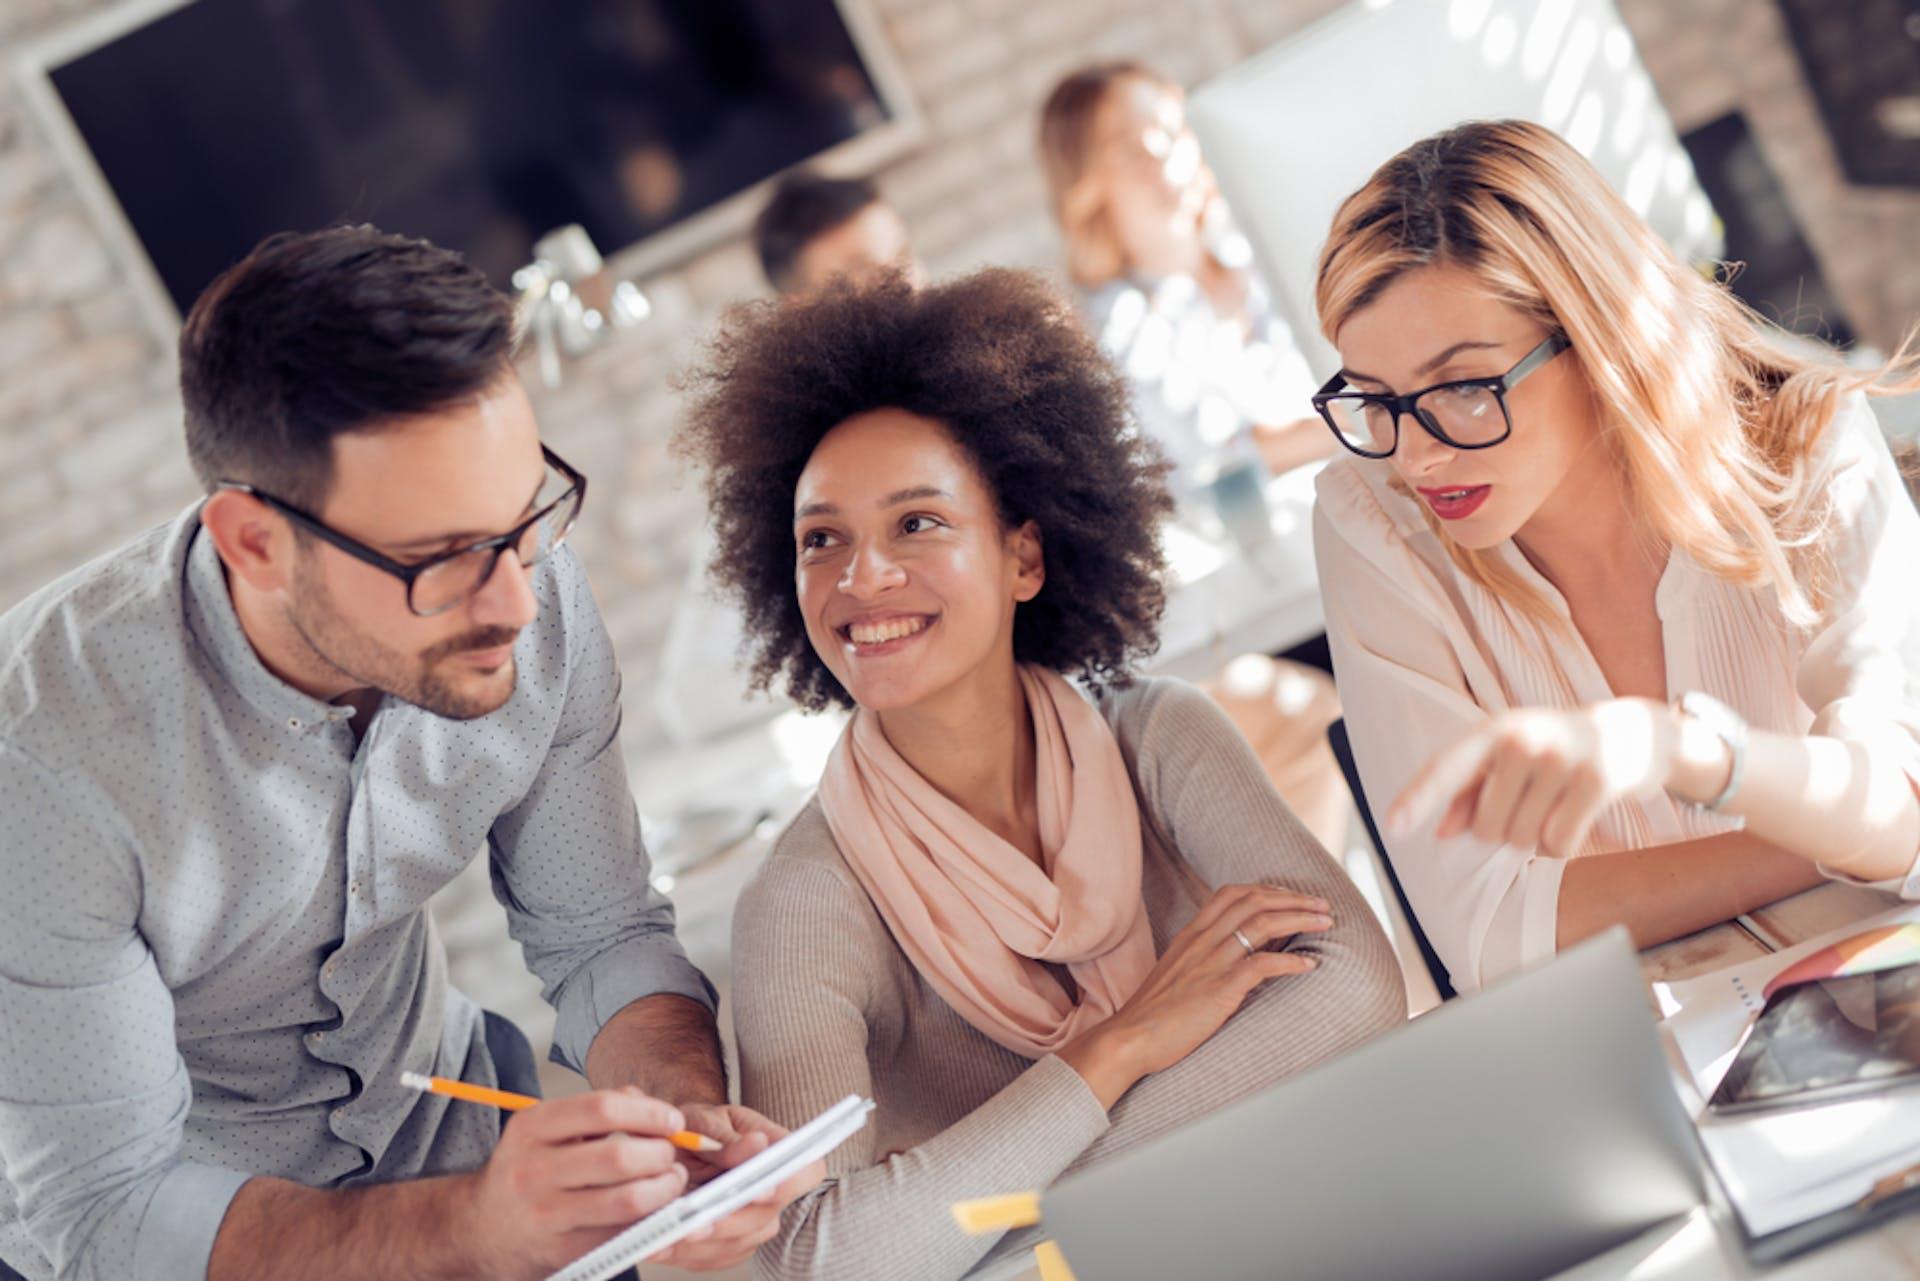 Arbeitskollegen besprechen etwas als Headerbild zu unserem Beitrag zu 4 Ps und 7 Ps im Marketing-Mix